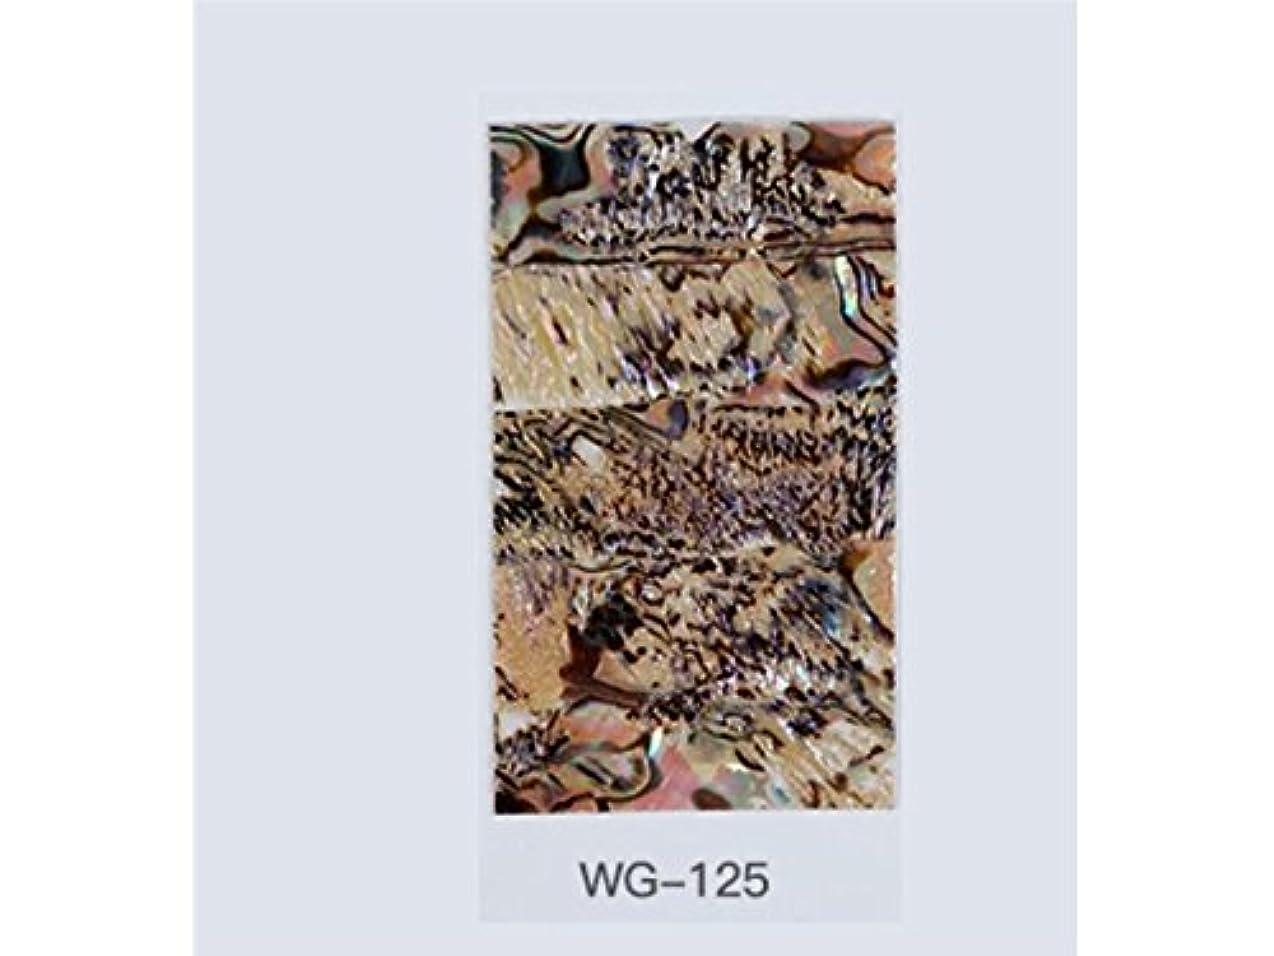 開拓者失われた田舎者Osize クリアウォータートランスファーネイルステッカーネイルアートクラフトネイルアートデコレーション(図示)